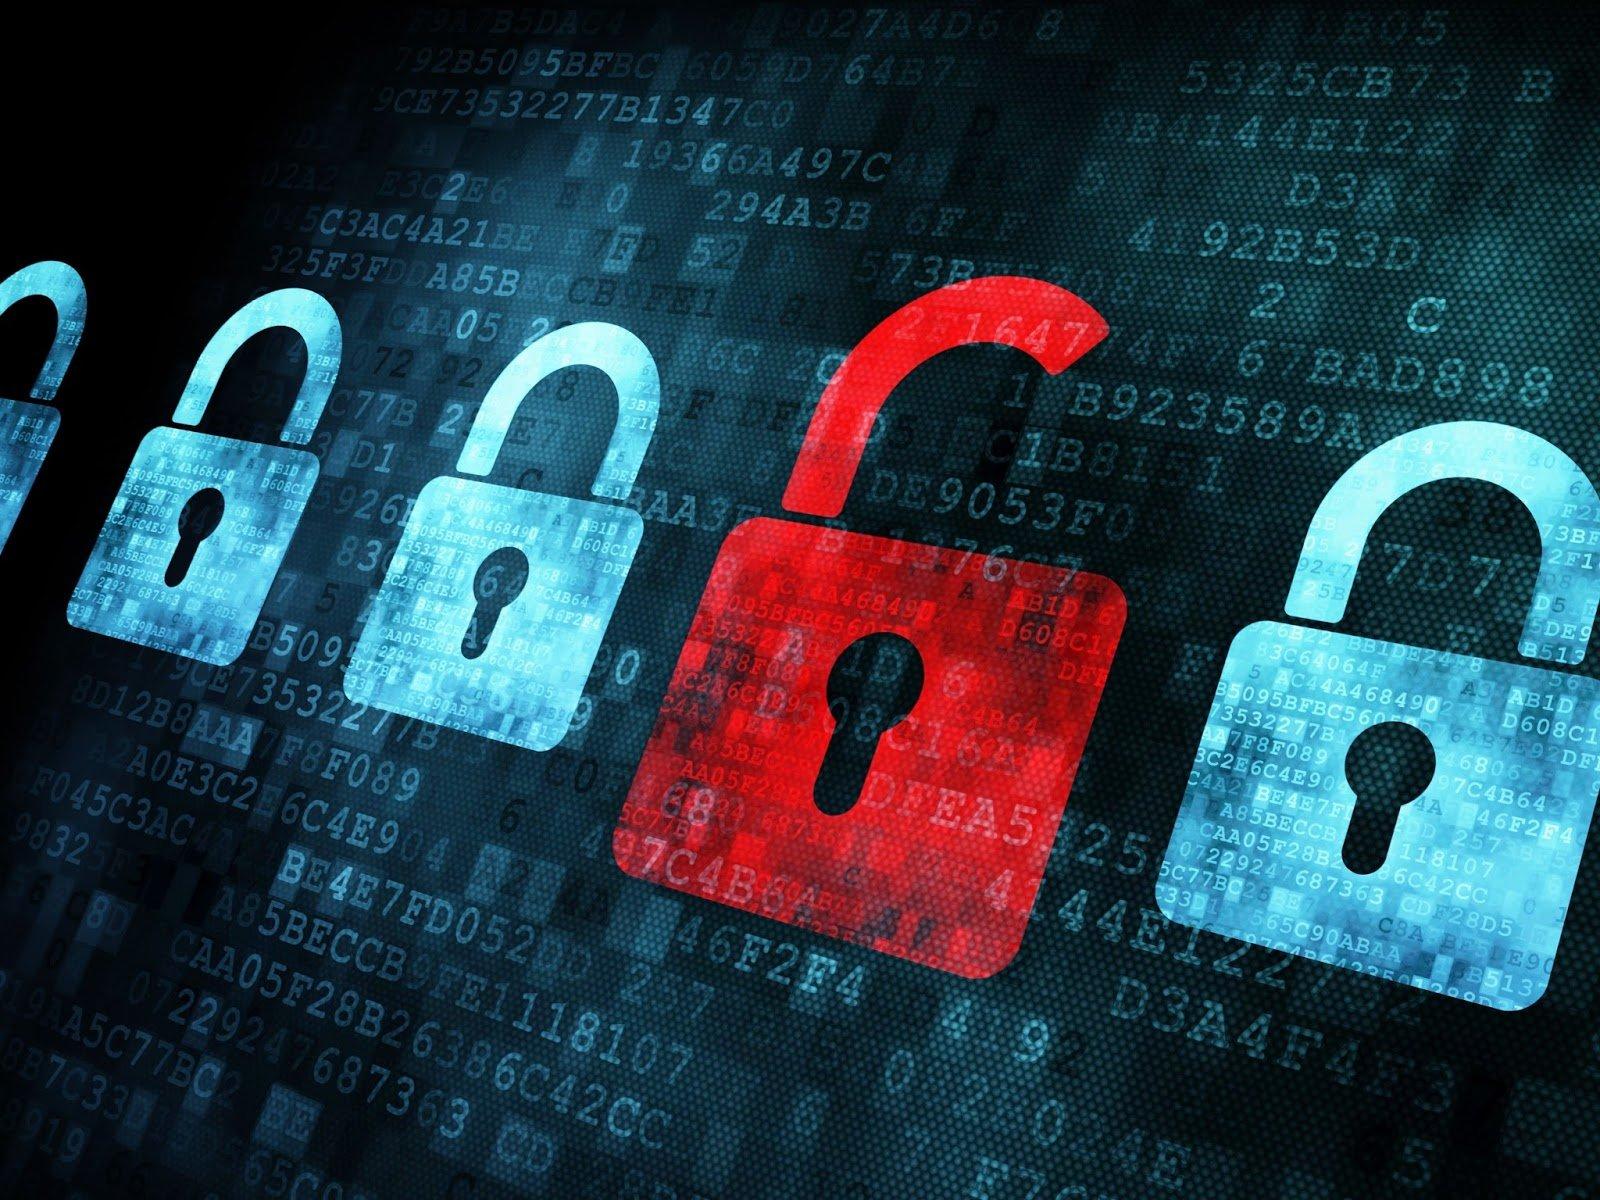 В известных ОСнаплатформах Intel иAMD найдена критическая уязвимость